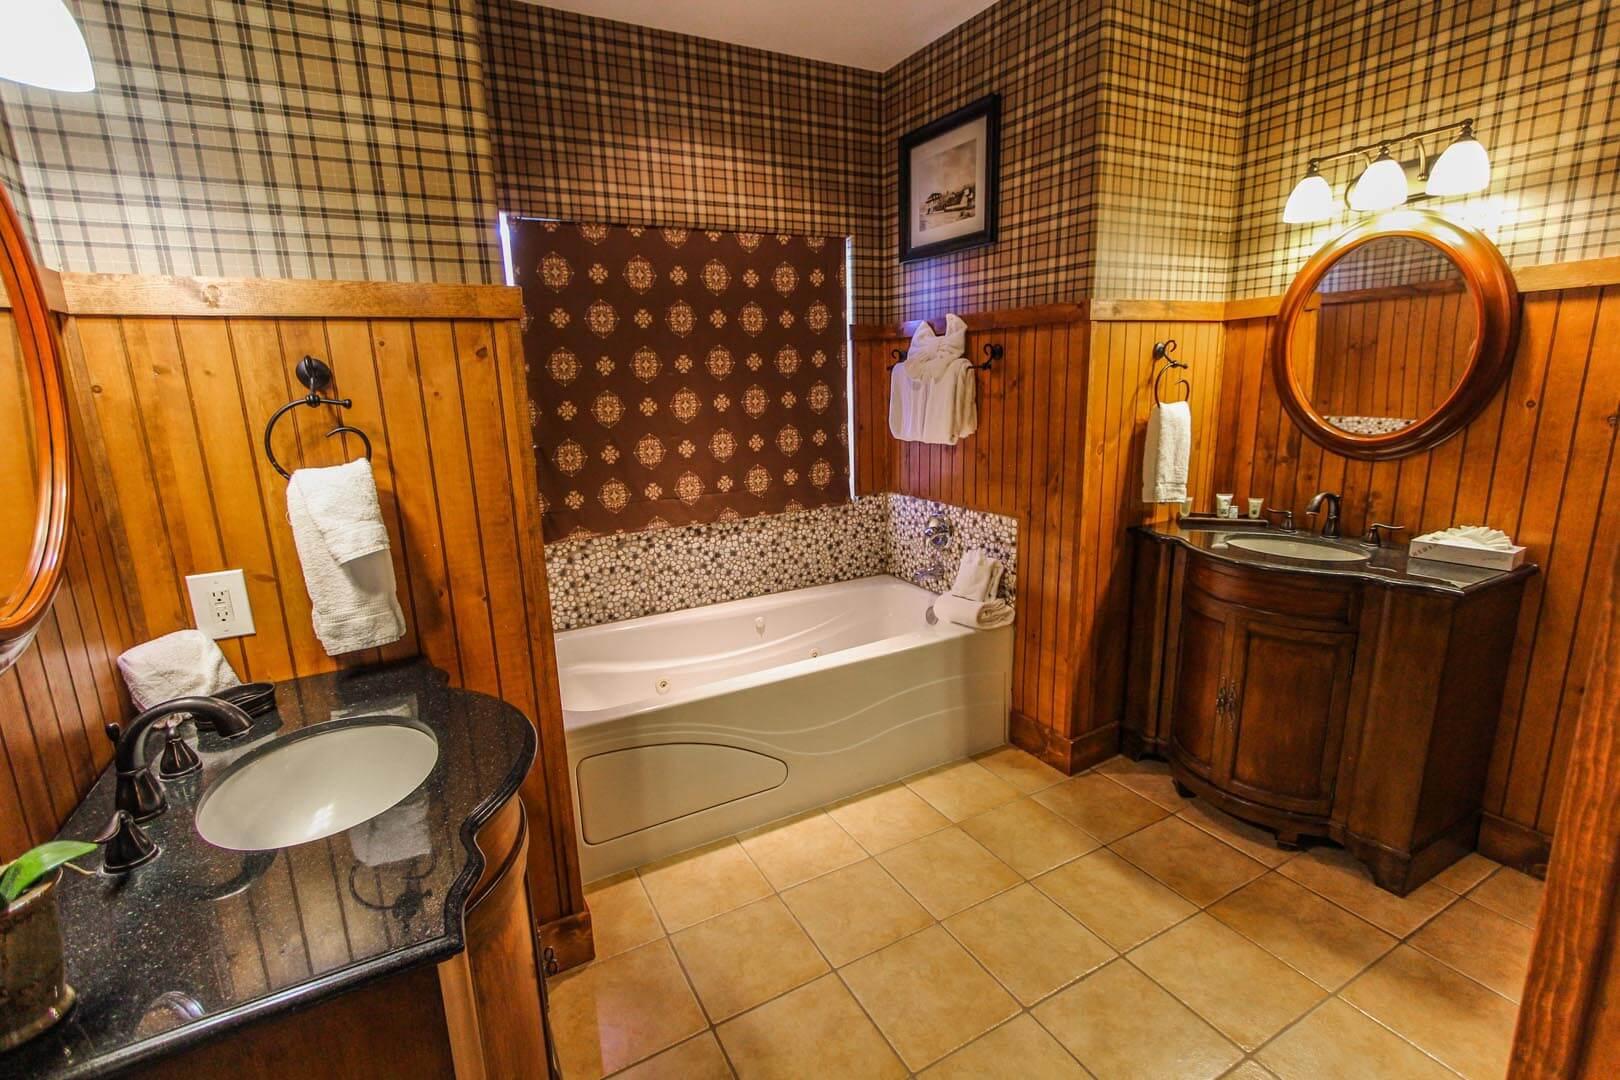 David Walleys Bathroom